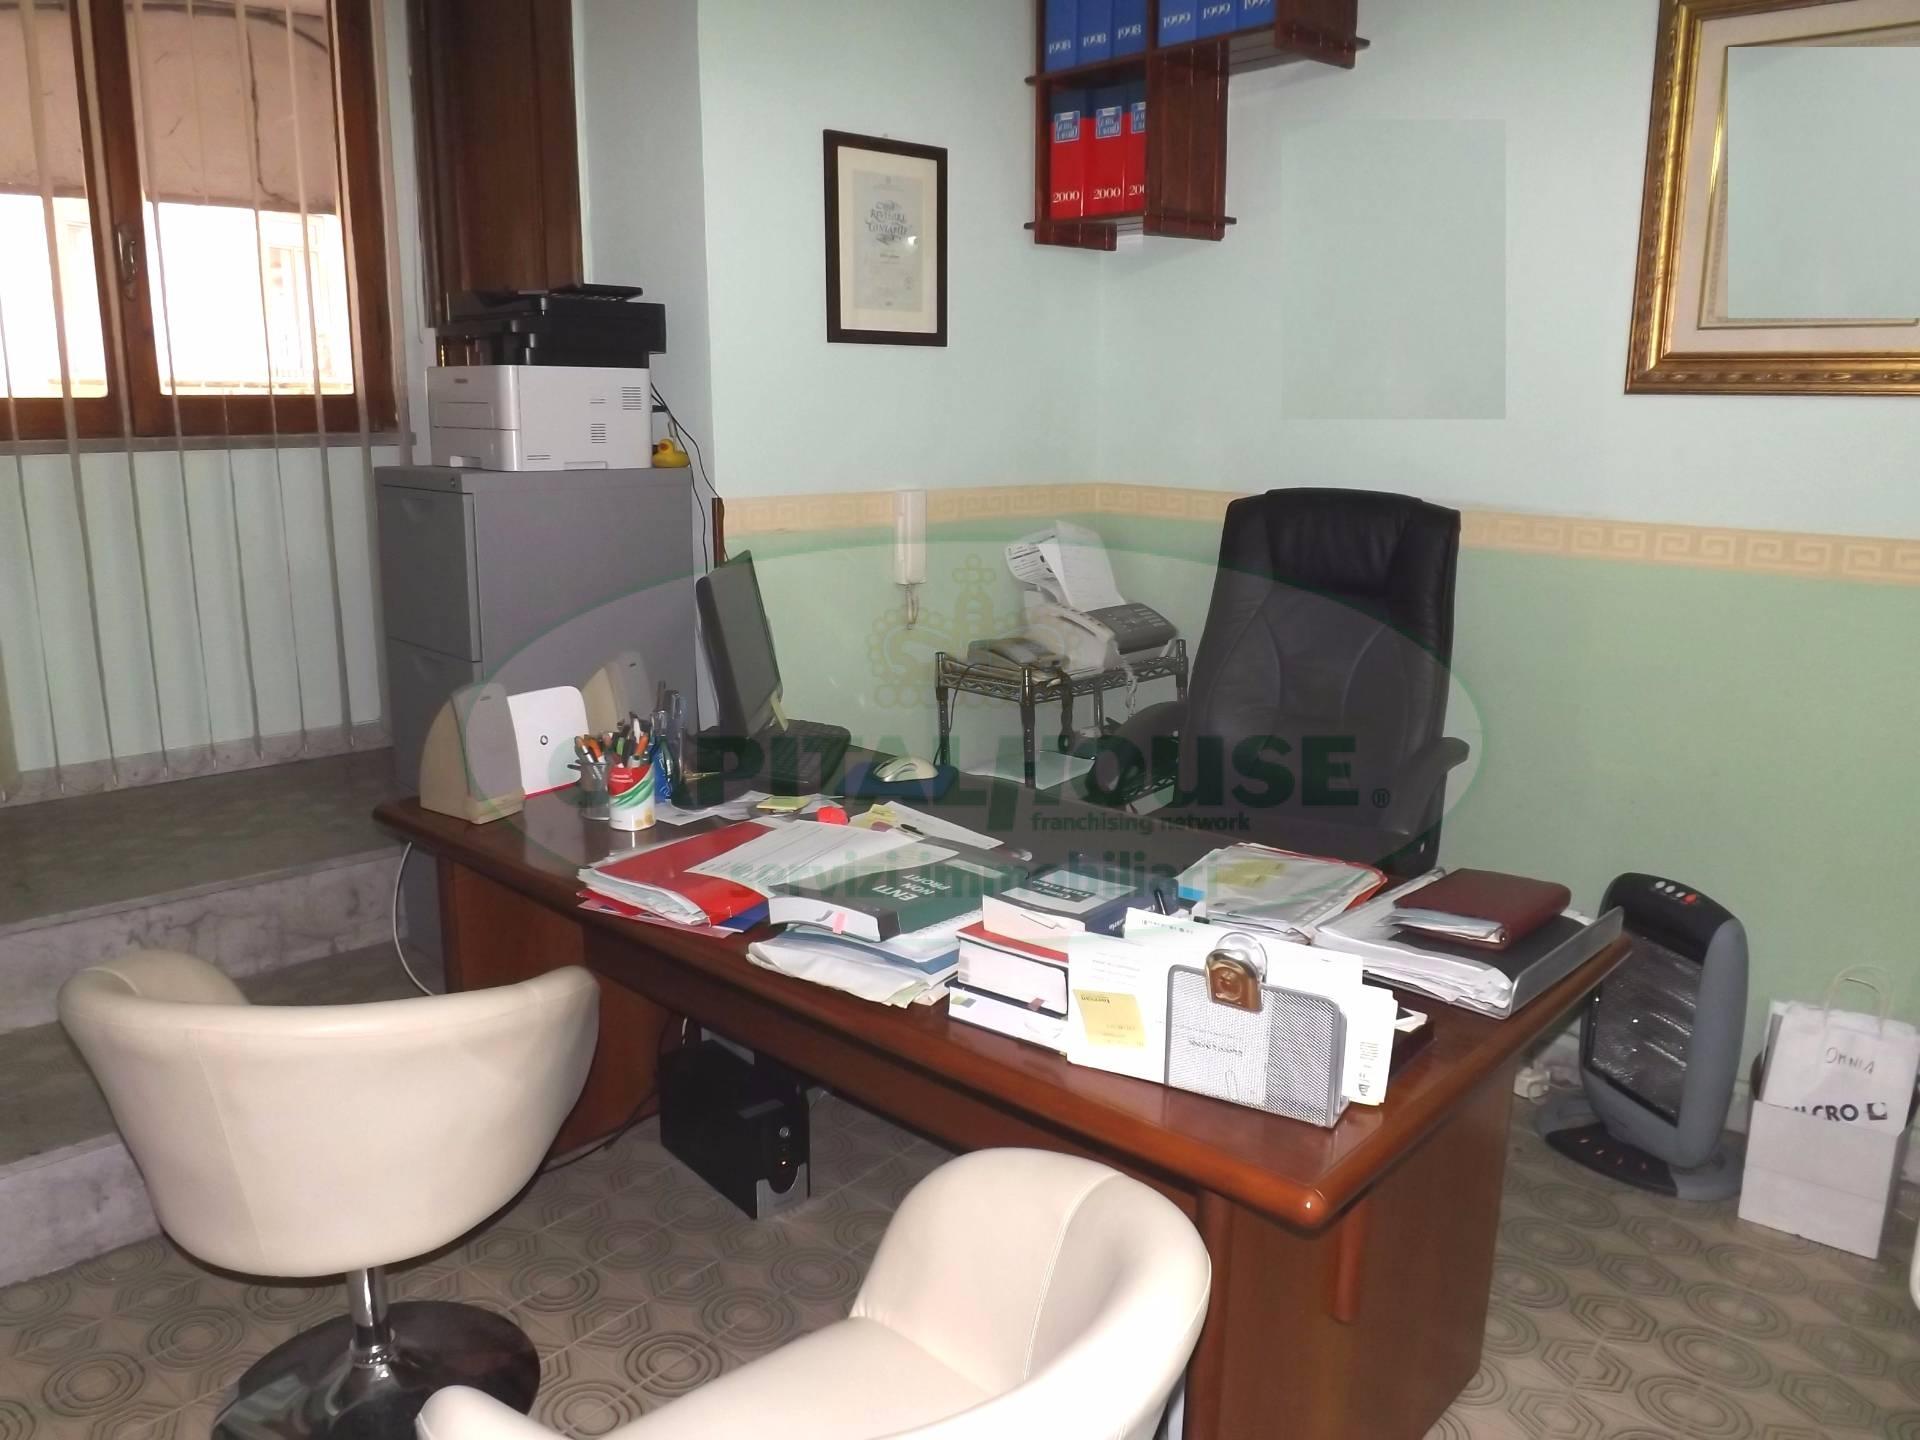 Appartamento in vendita a Atripalda, 1 locali, prezzo € 30.000 | Cambio Casa.it